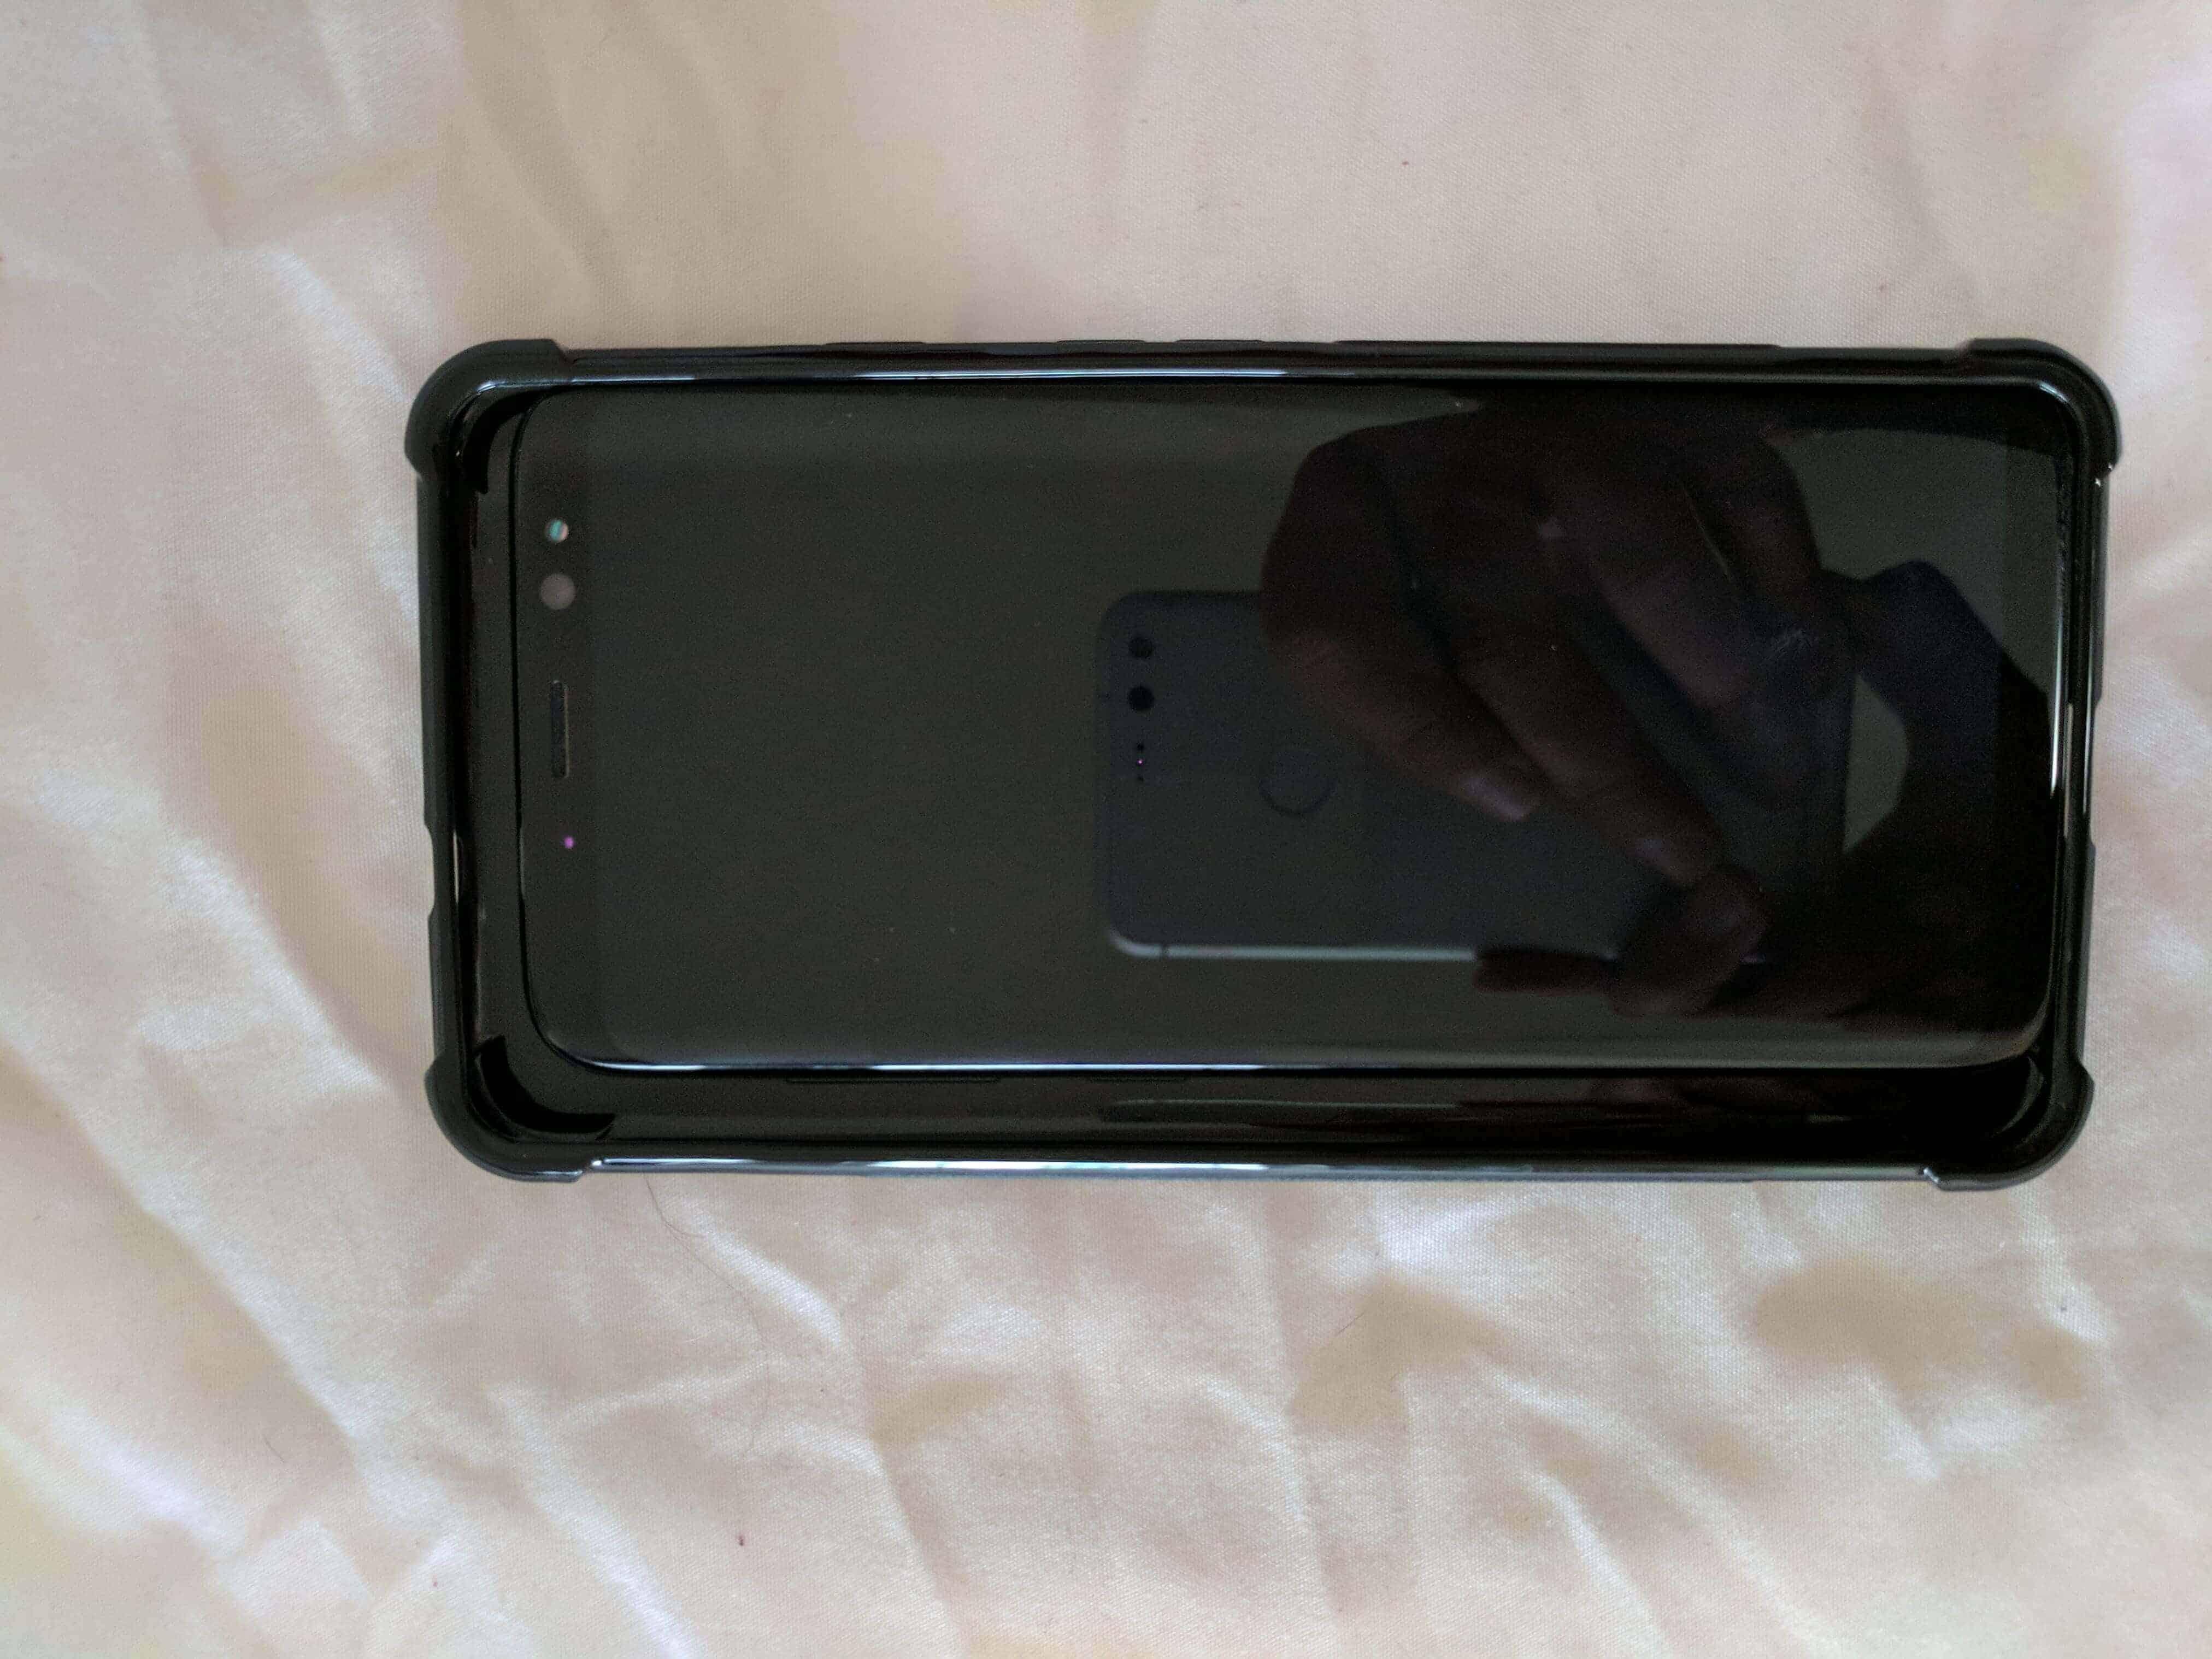 Pixel XL 2 Case Size Comparison Imgur Leak 2